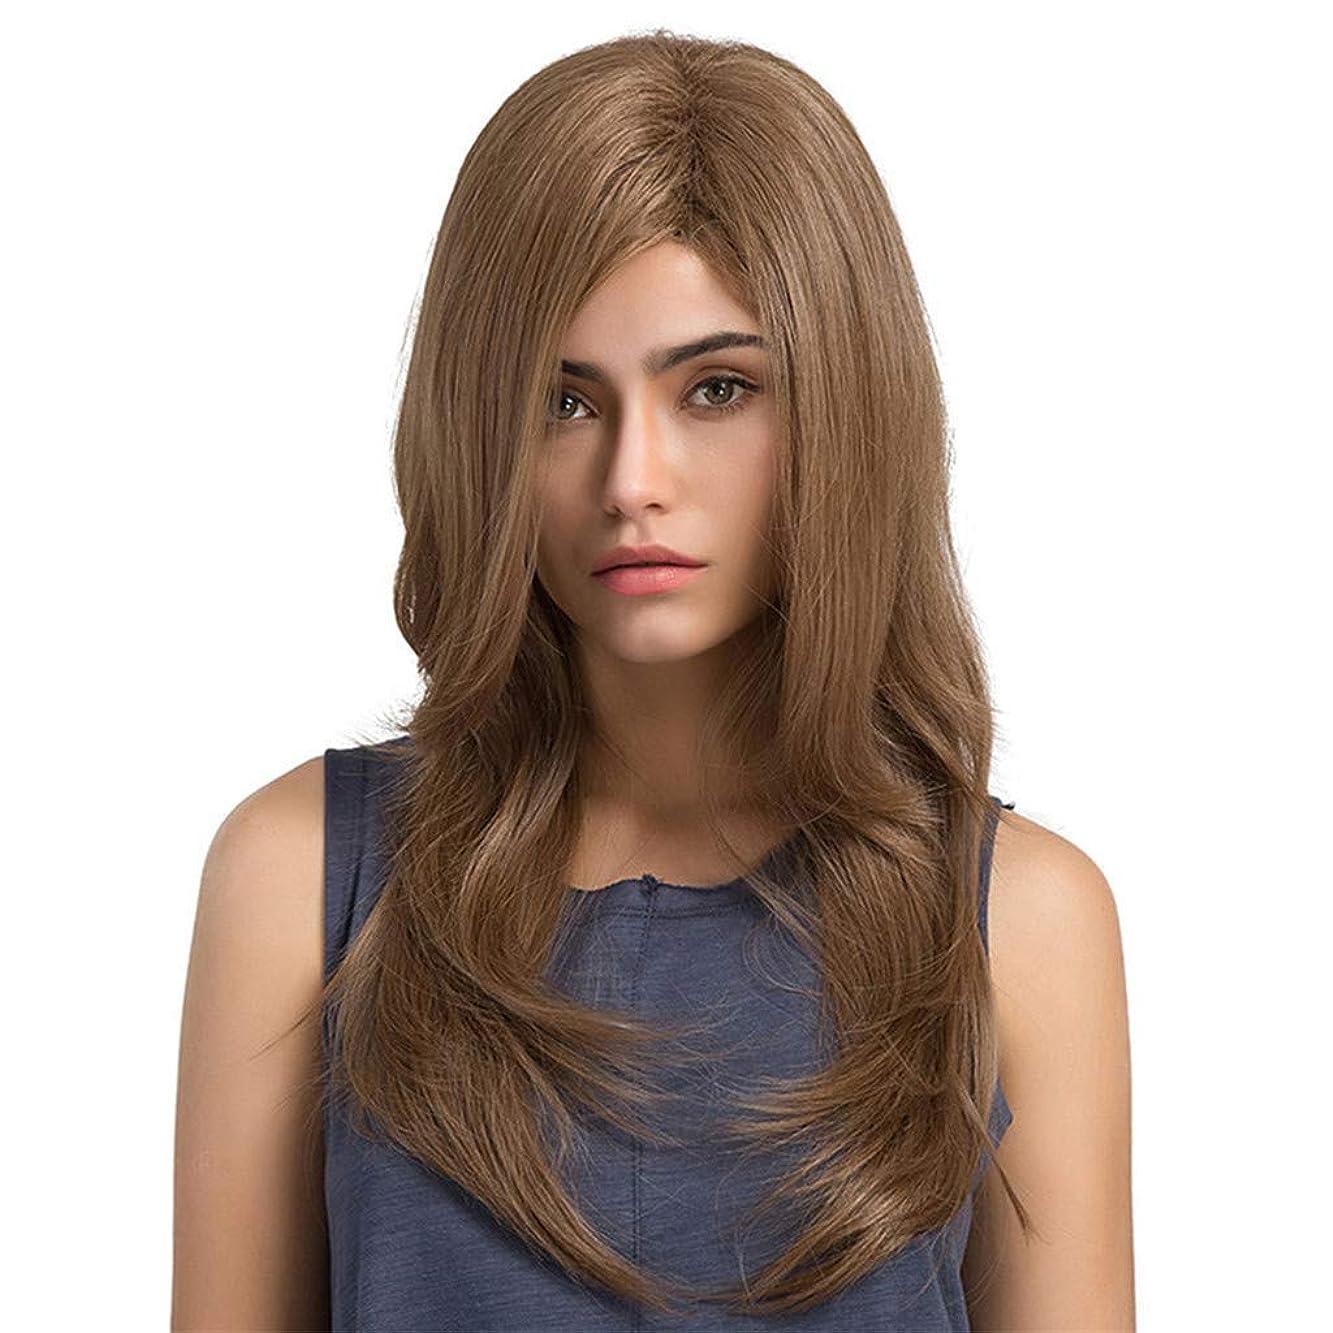 同行鳴り響くアリス女性の長い巻き毛のかつら パーティーかつら65 cm